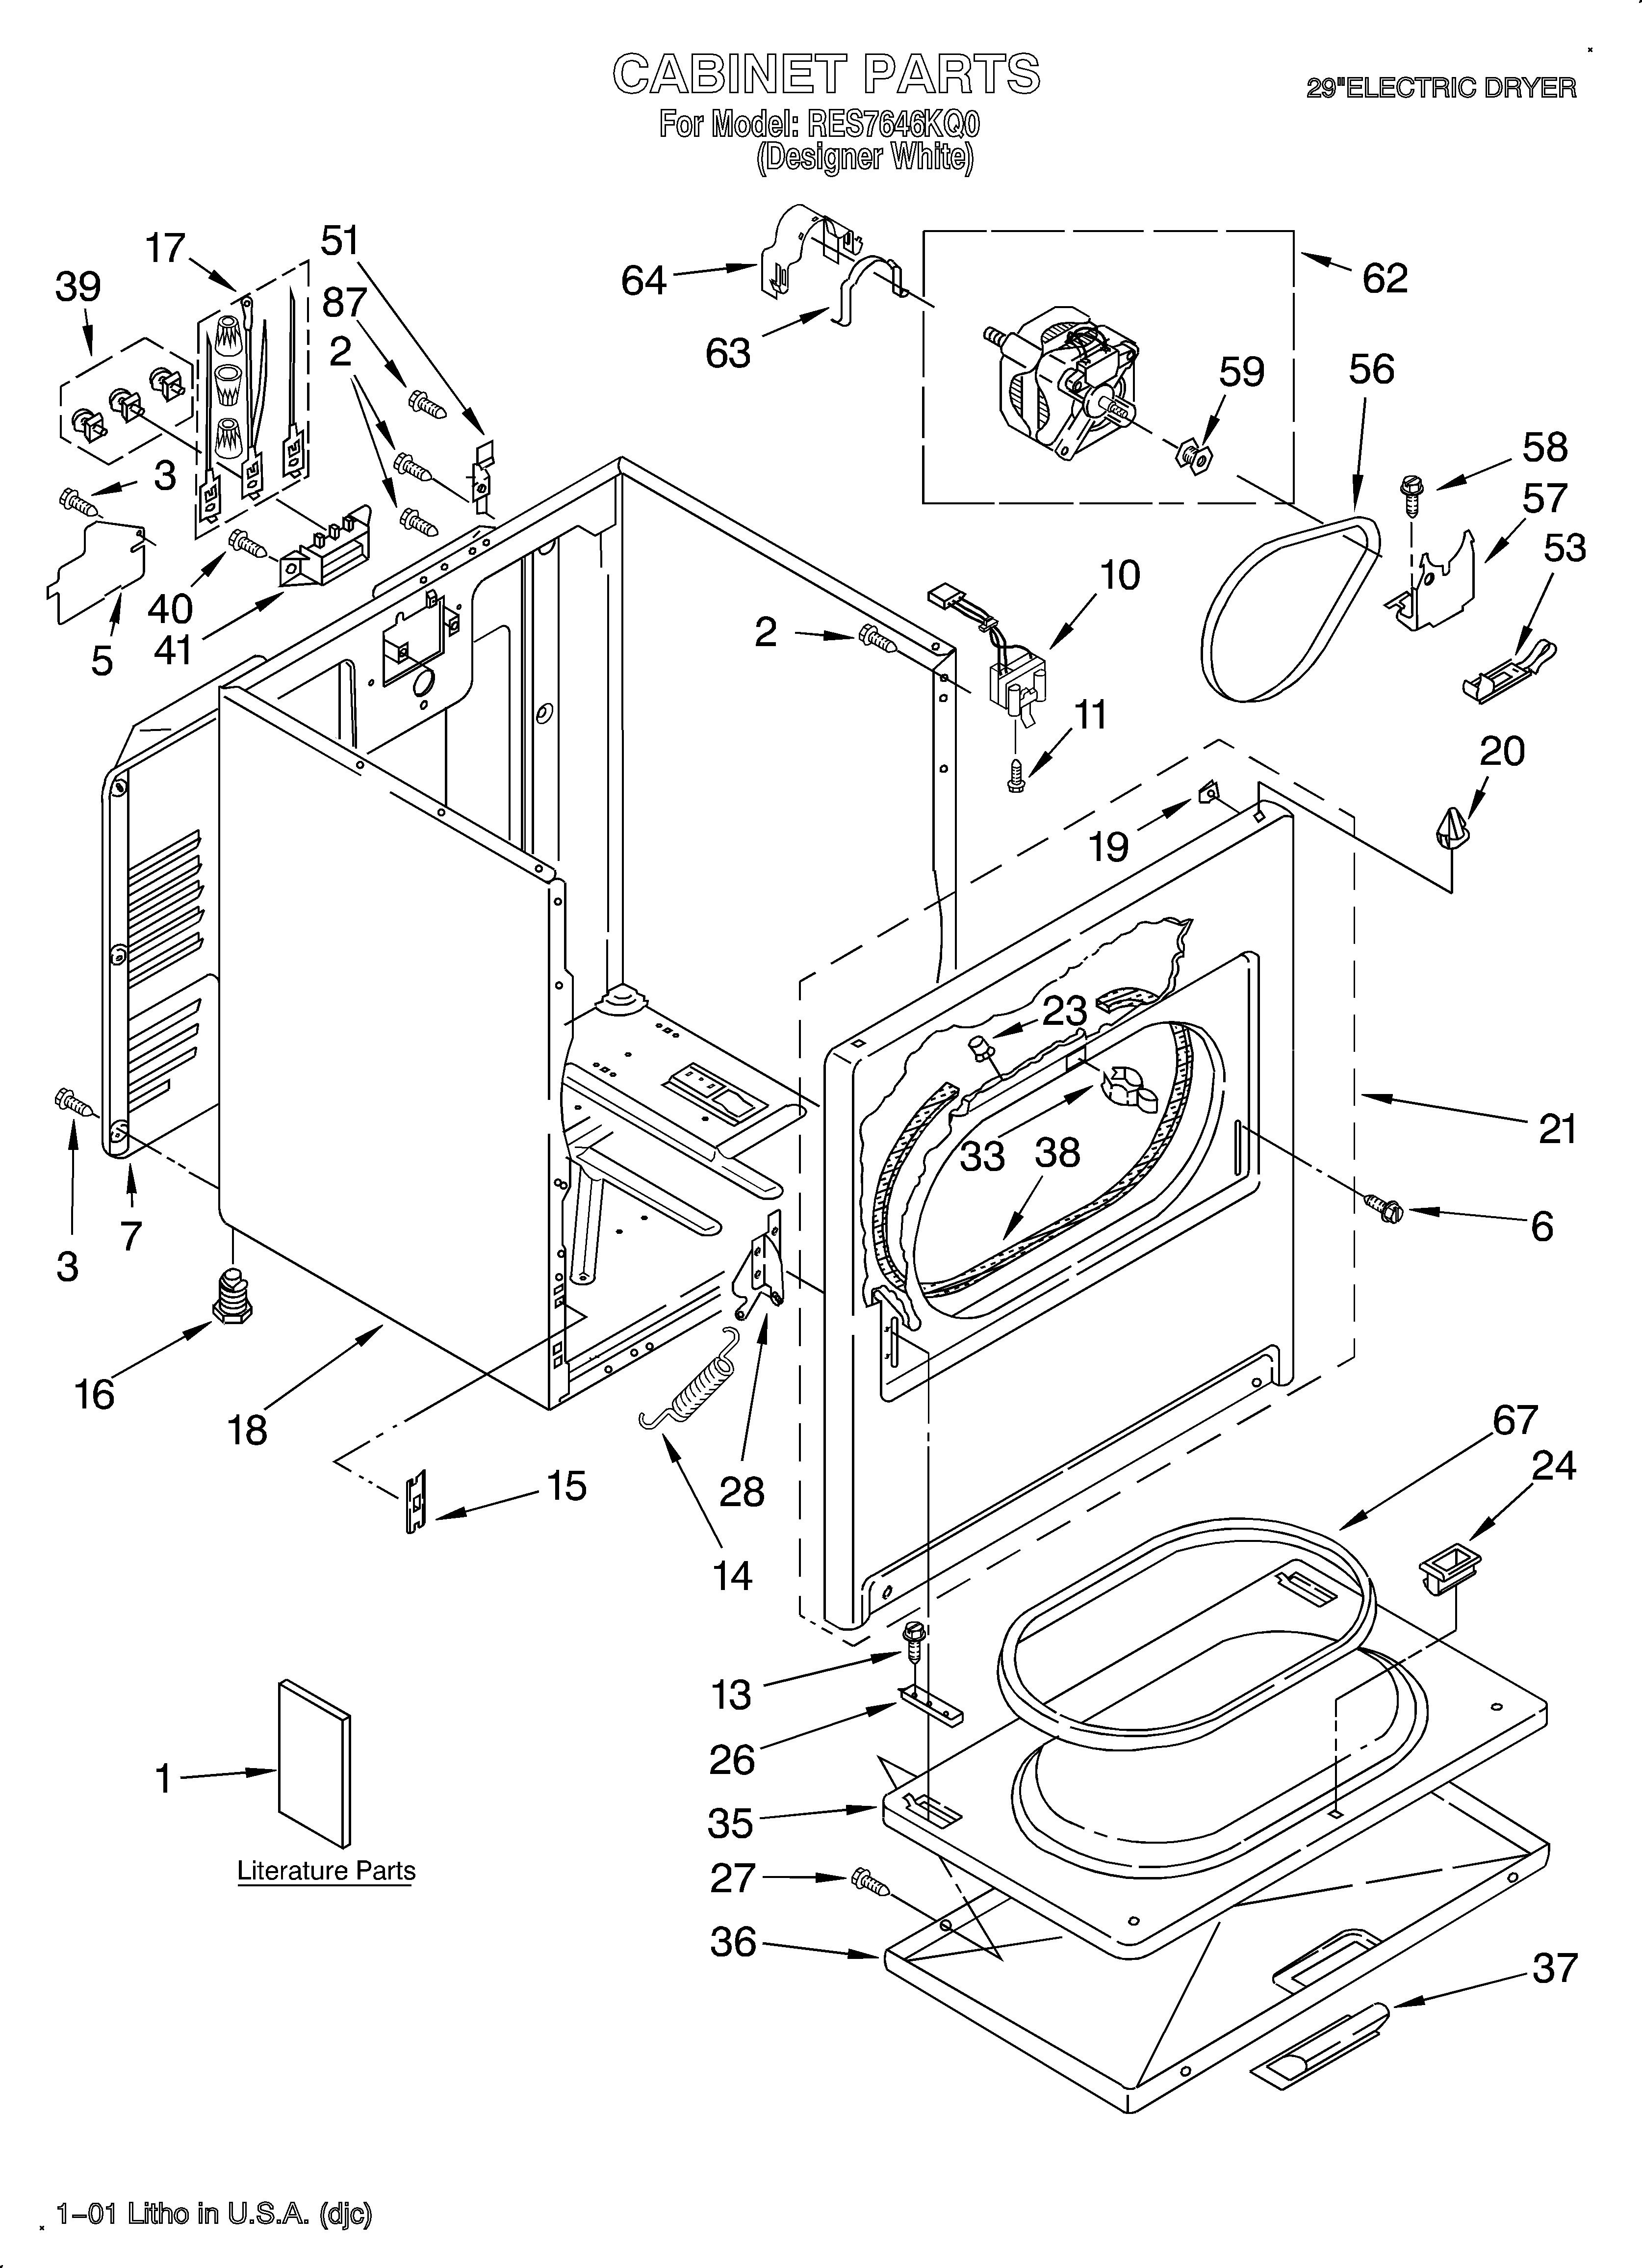 FN_8266] Wiring Diagram For Roper Dryer Schematic Wiring   Roper Dryer Red4440vq1 Wiring Diagram      None Proe Ratag Vira Mohammedshrine Librar Wiring 101